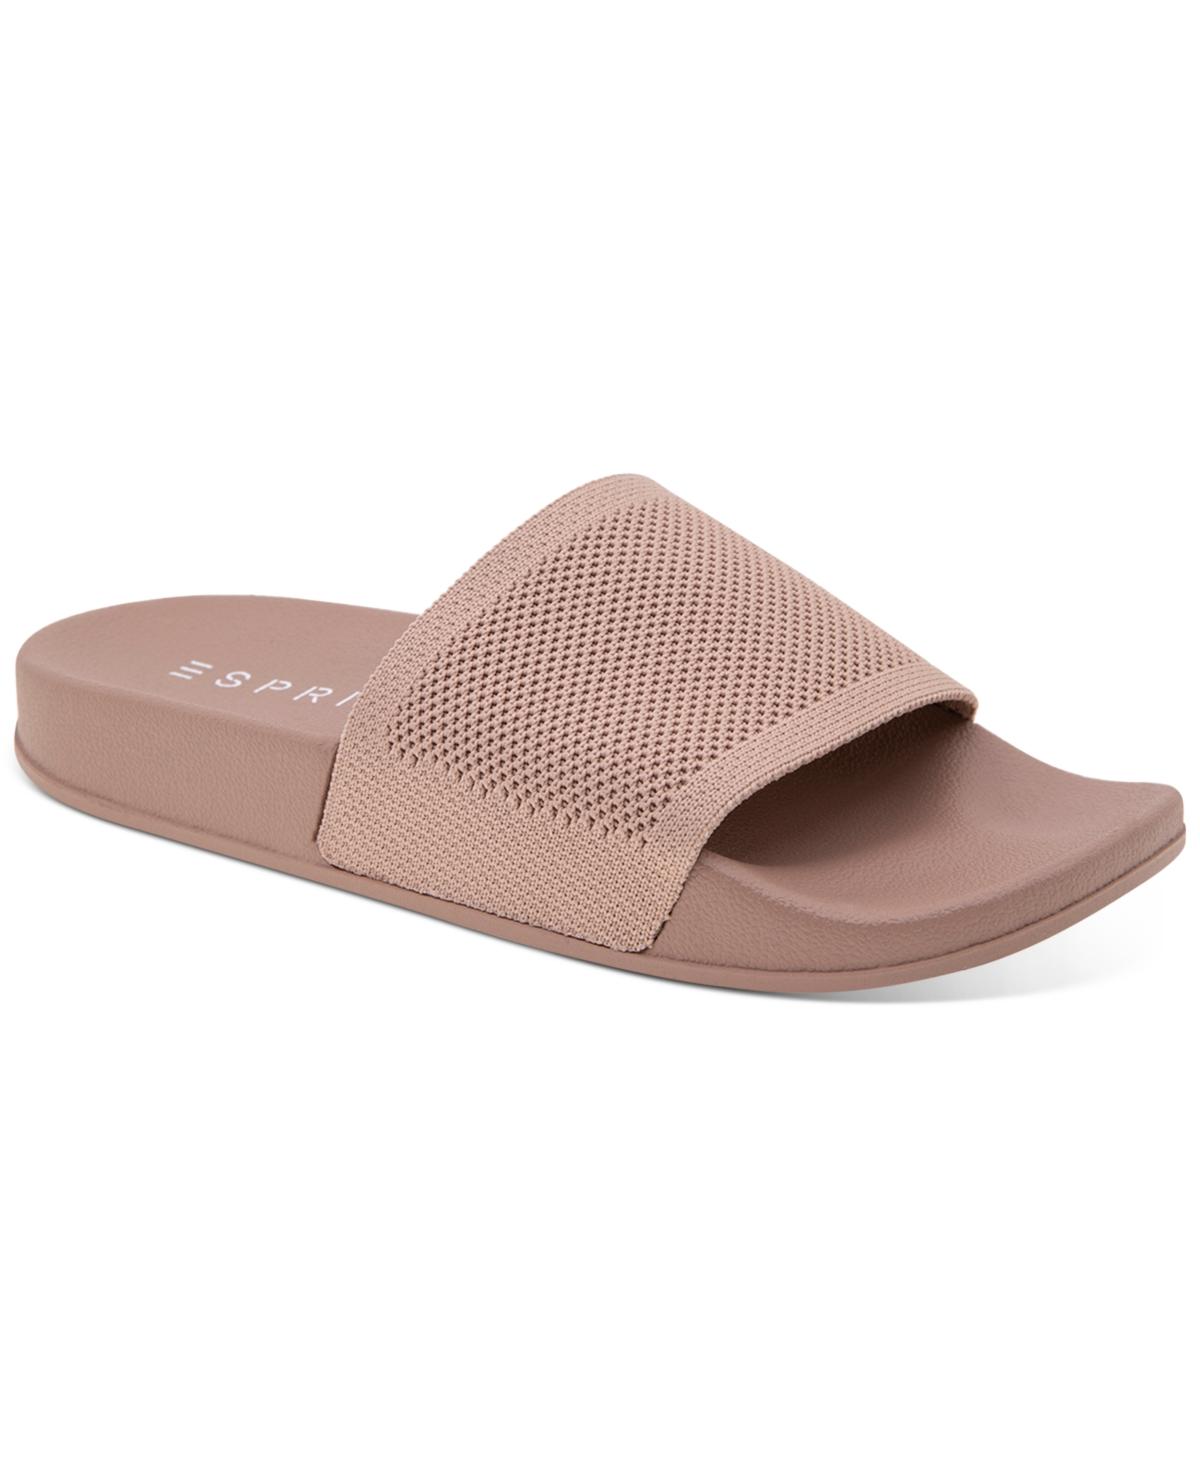 Esprit March Slides Women's Shoes